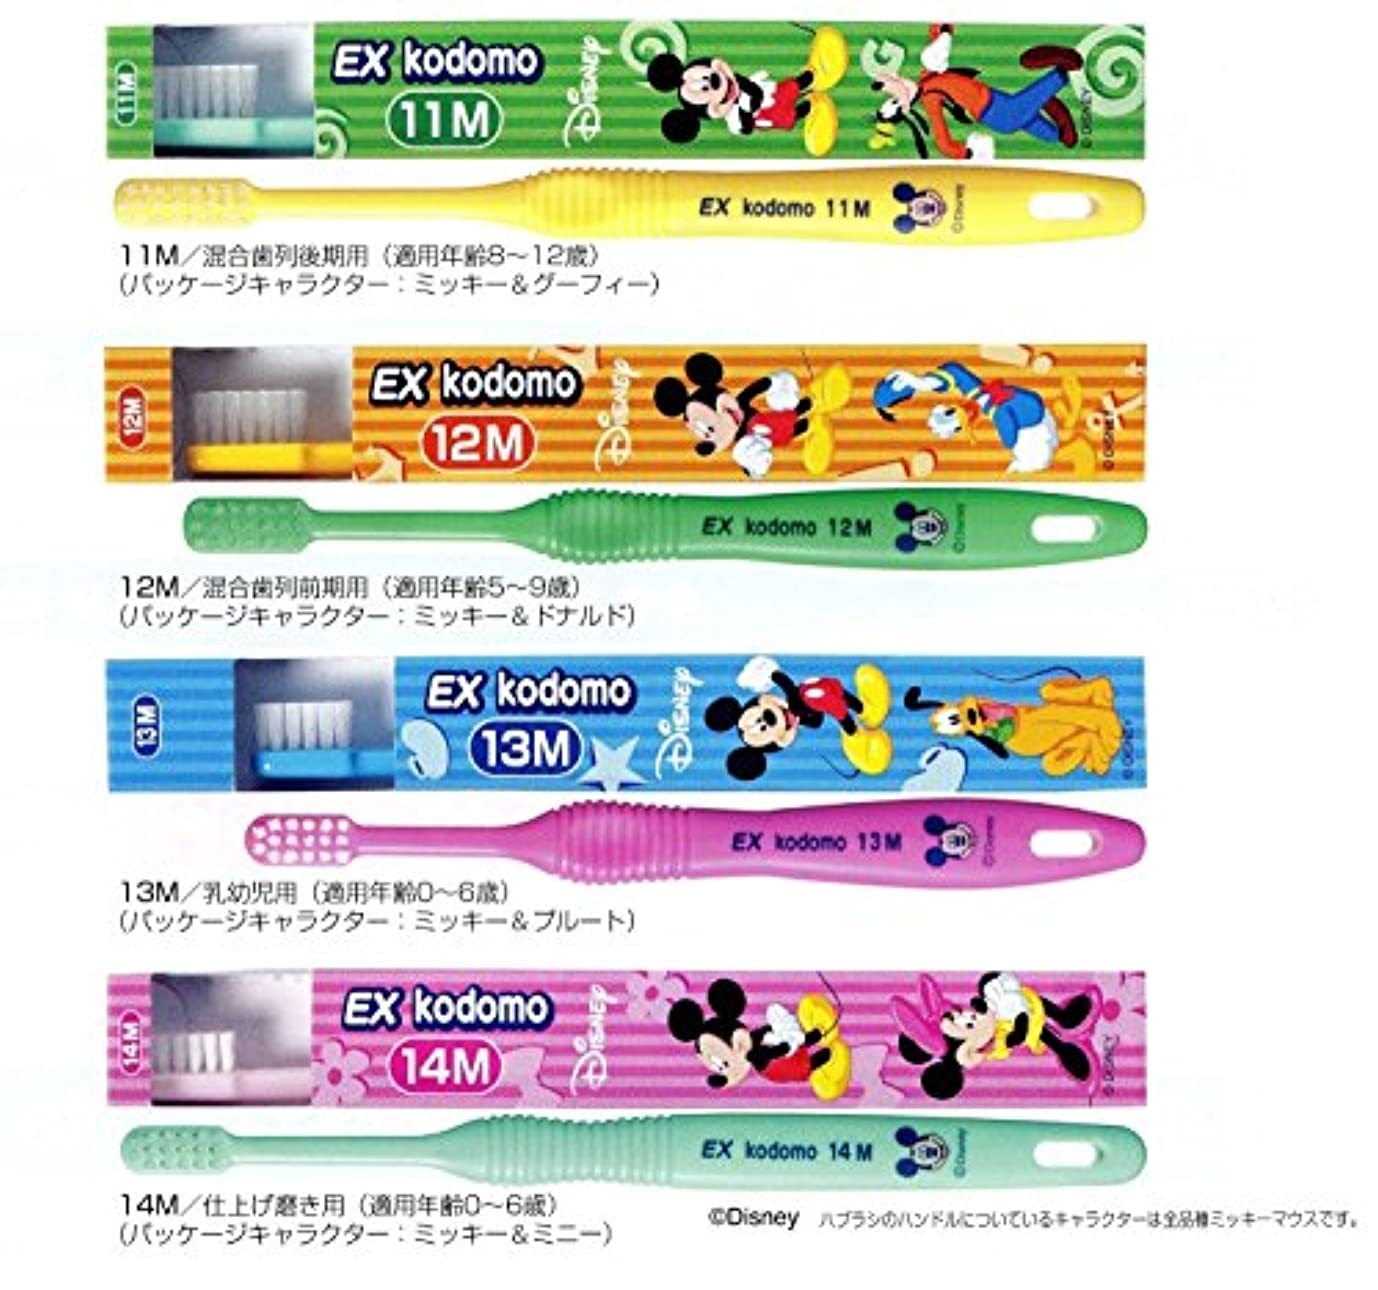 ライオン コドモ ディズニー DENT.EX kodomo Disney 1本 11M グリーン (8?12歳)